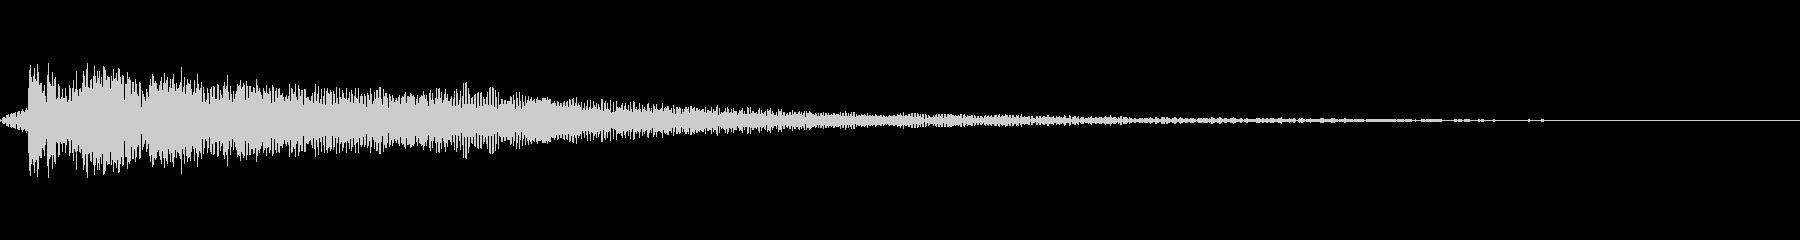 [ティウーン]失敗(可愛くコミカル)の未再生の波形